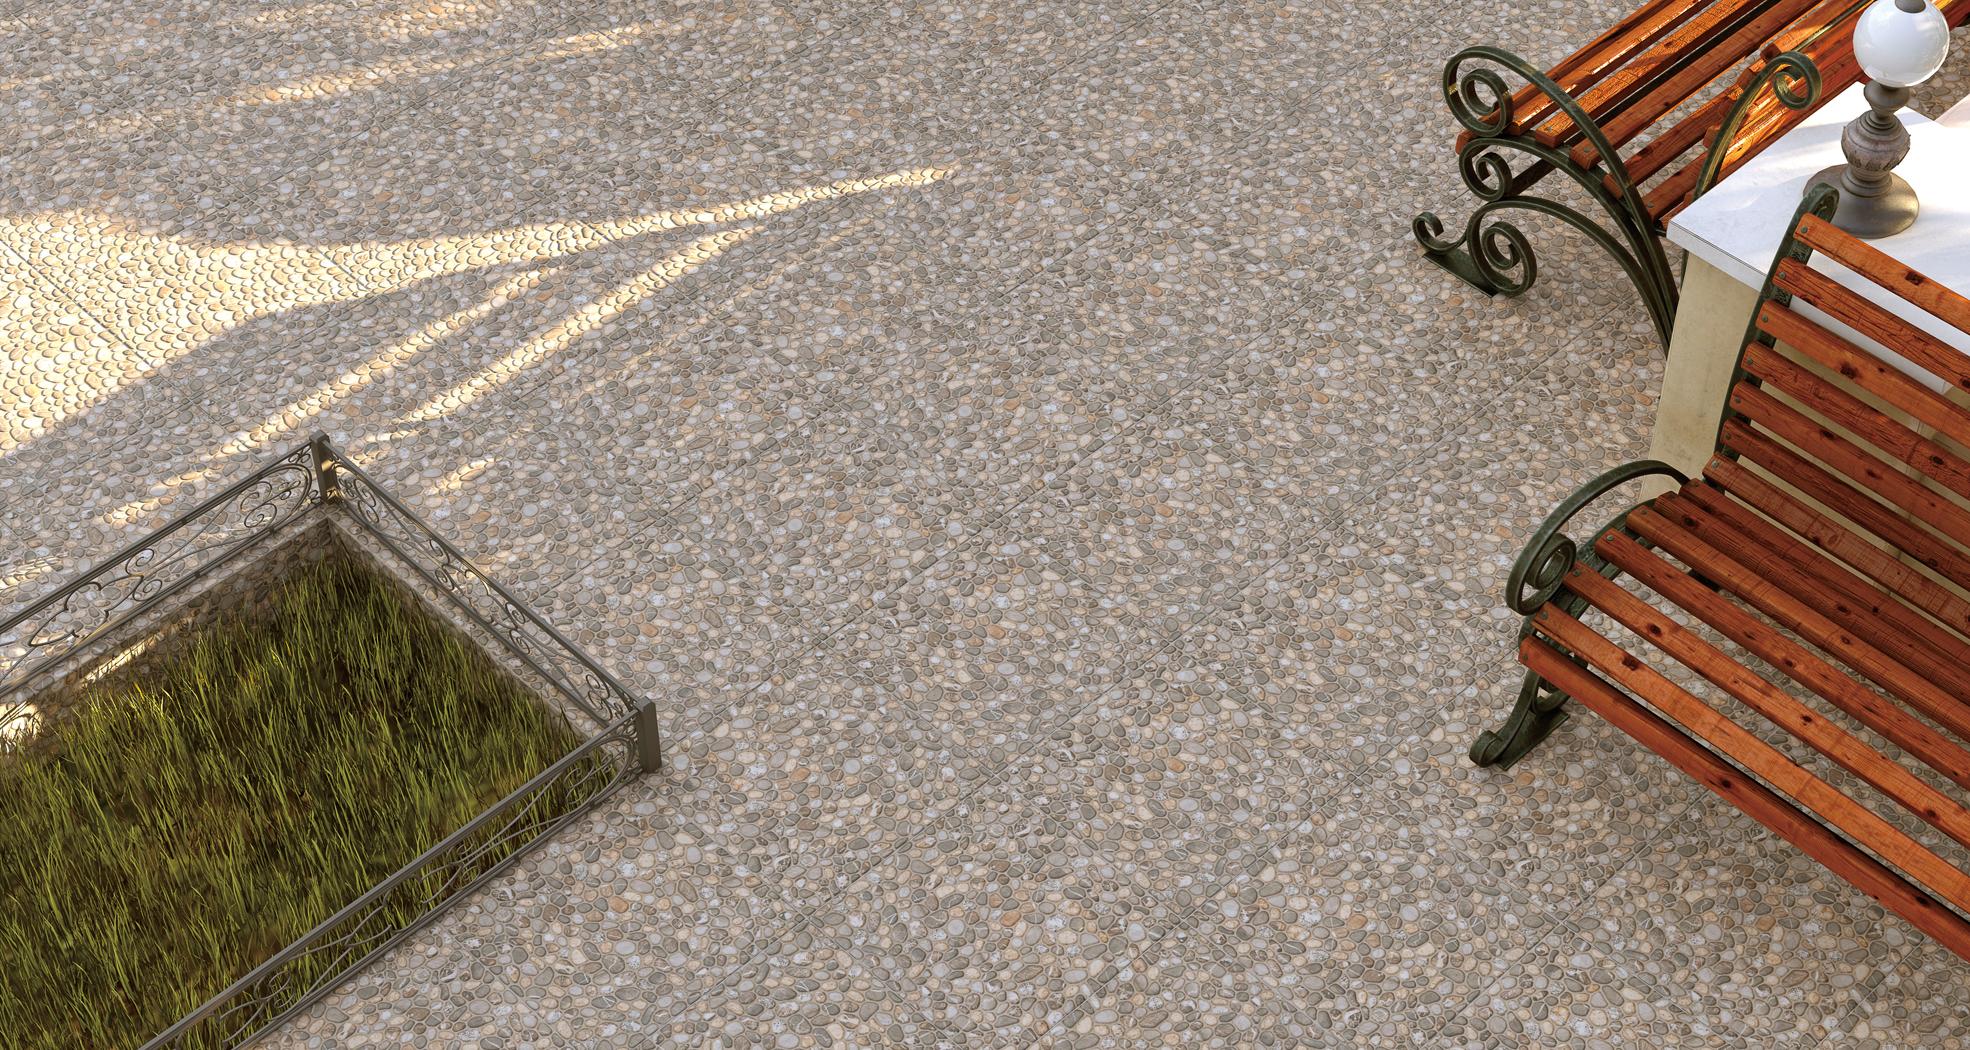 Плитка под камень в интерьере: фото 7